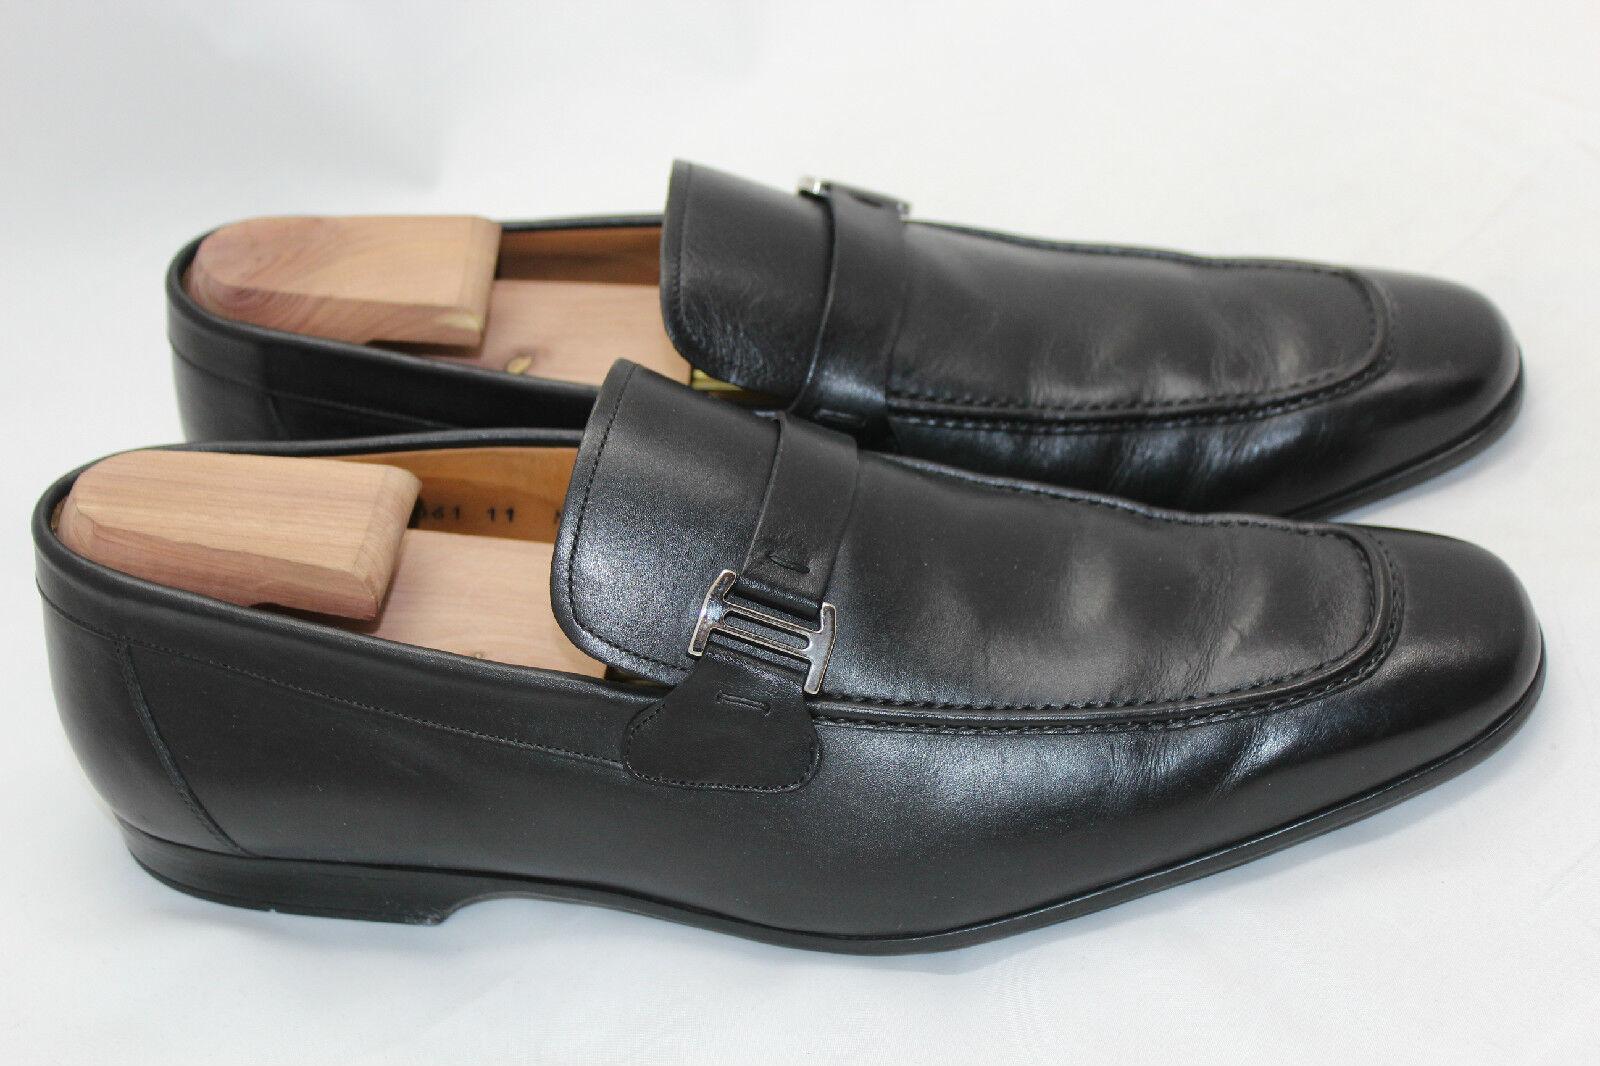 Para Hombre Zapato Mocasín Magnanni 'Lino' Slip On-Negro M - 15061 (Q10)